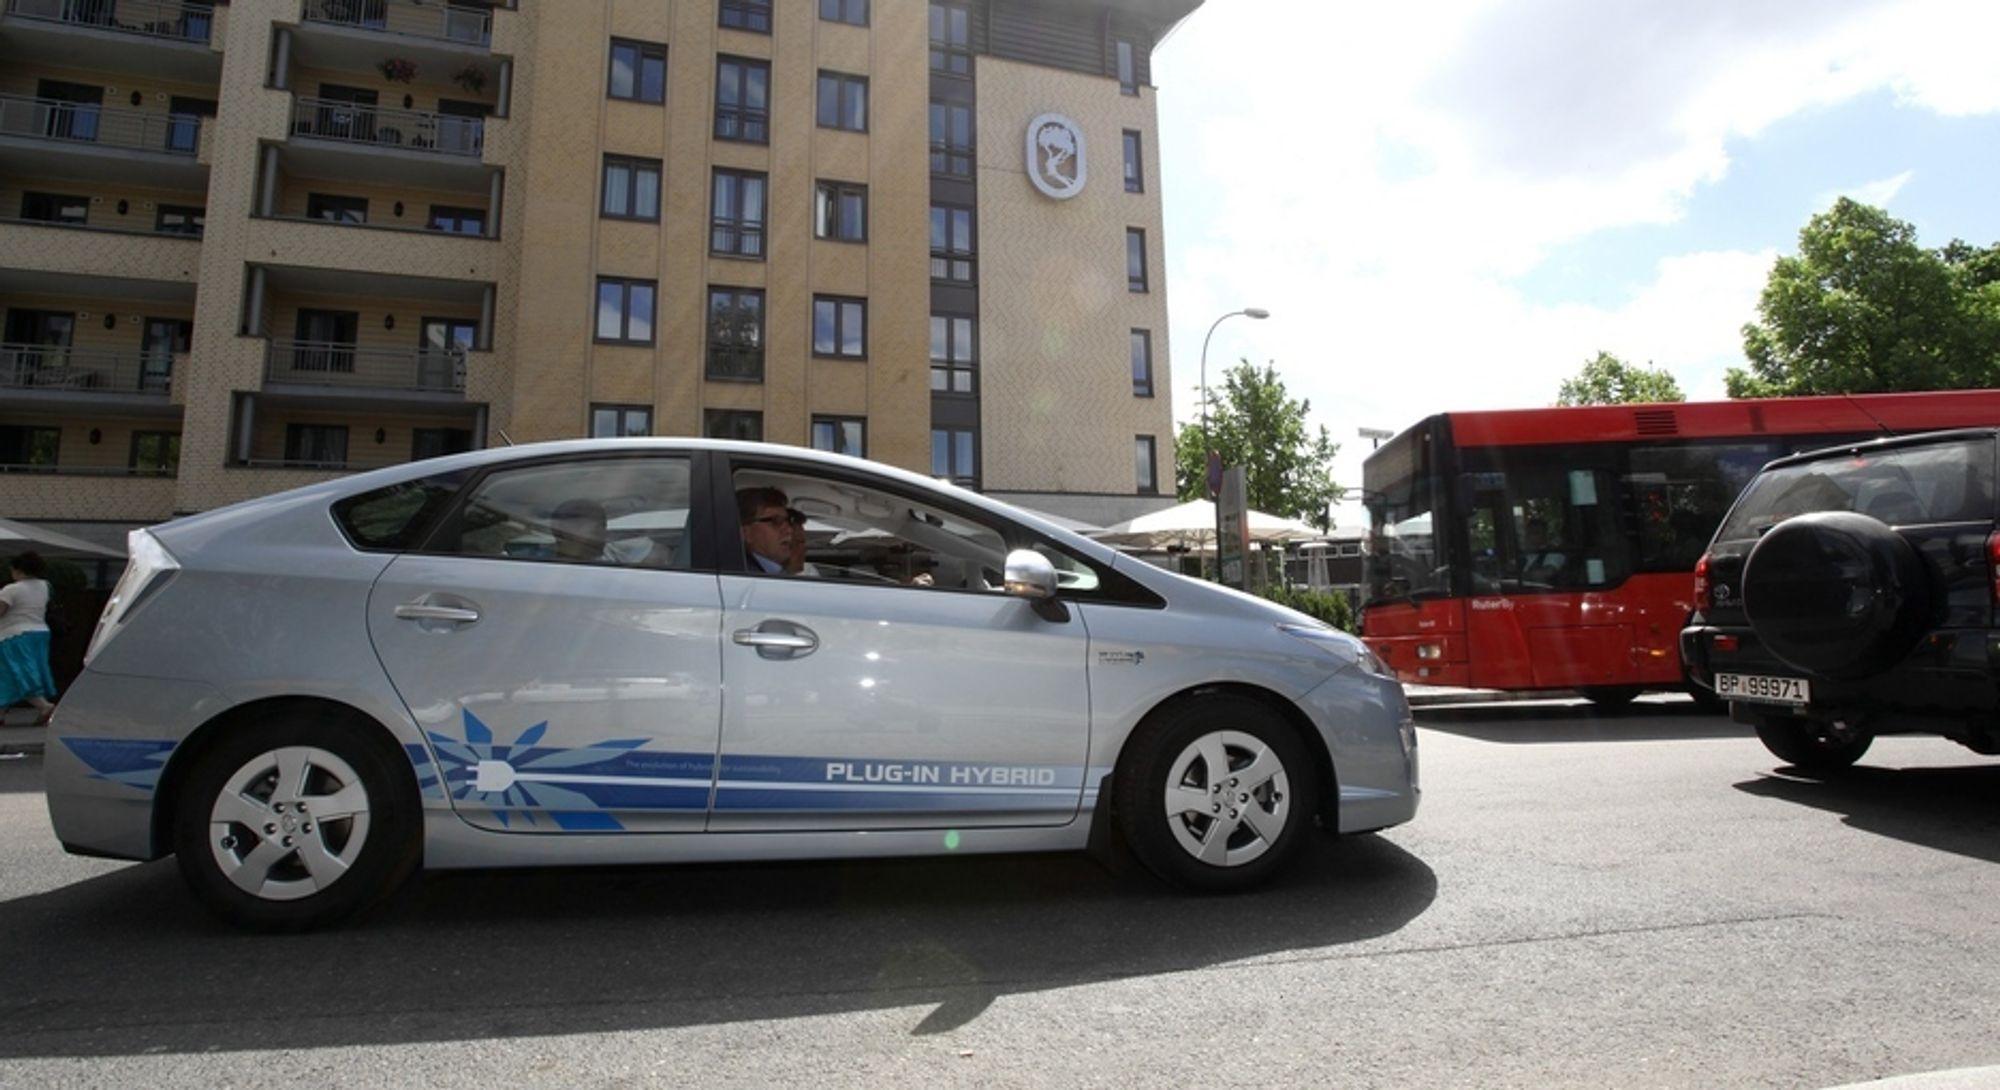 Toyota Prius plugin-hybrid er blant bilene som ikke får noen miljølettelser i statsbudsjettet. Skuffende, mener elbilforeningen.